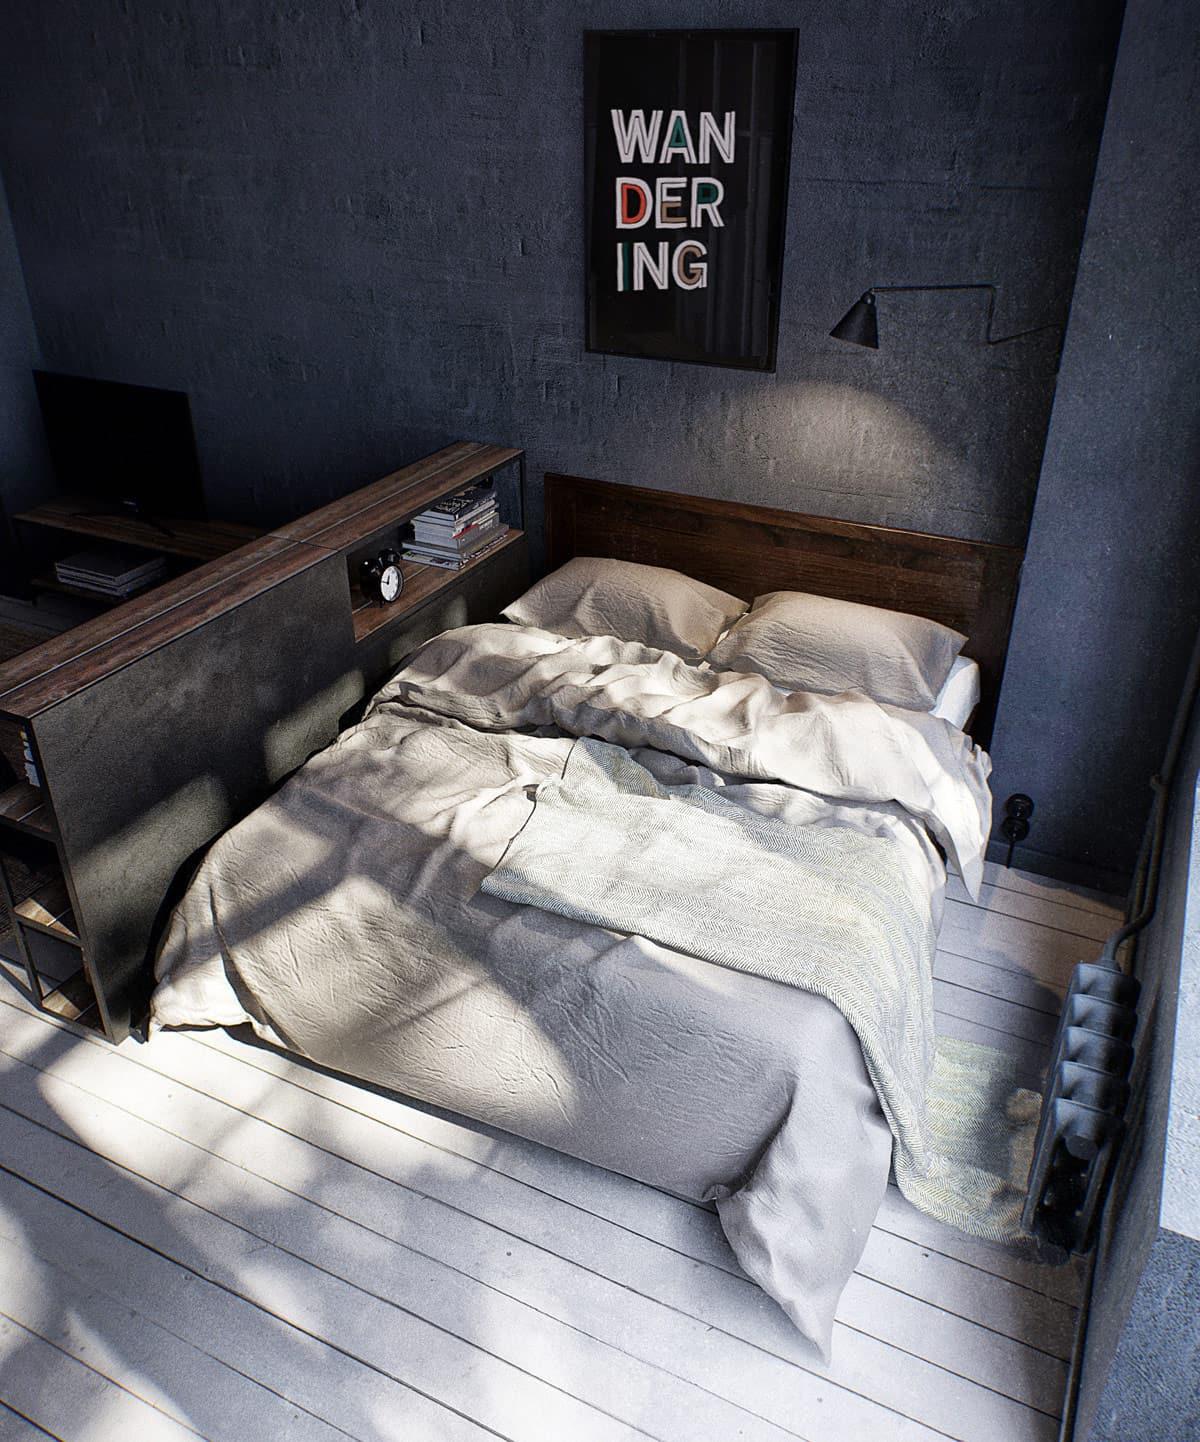 Спальня в темно-синем цвете способствует глубокой релаксации